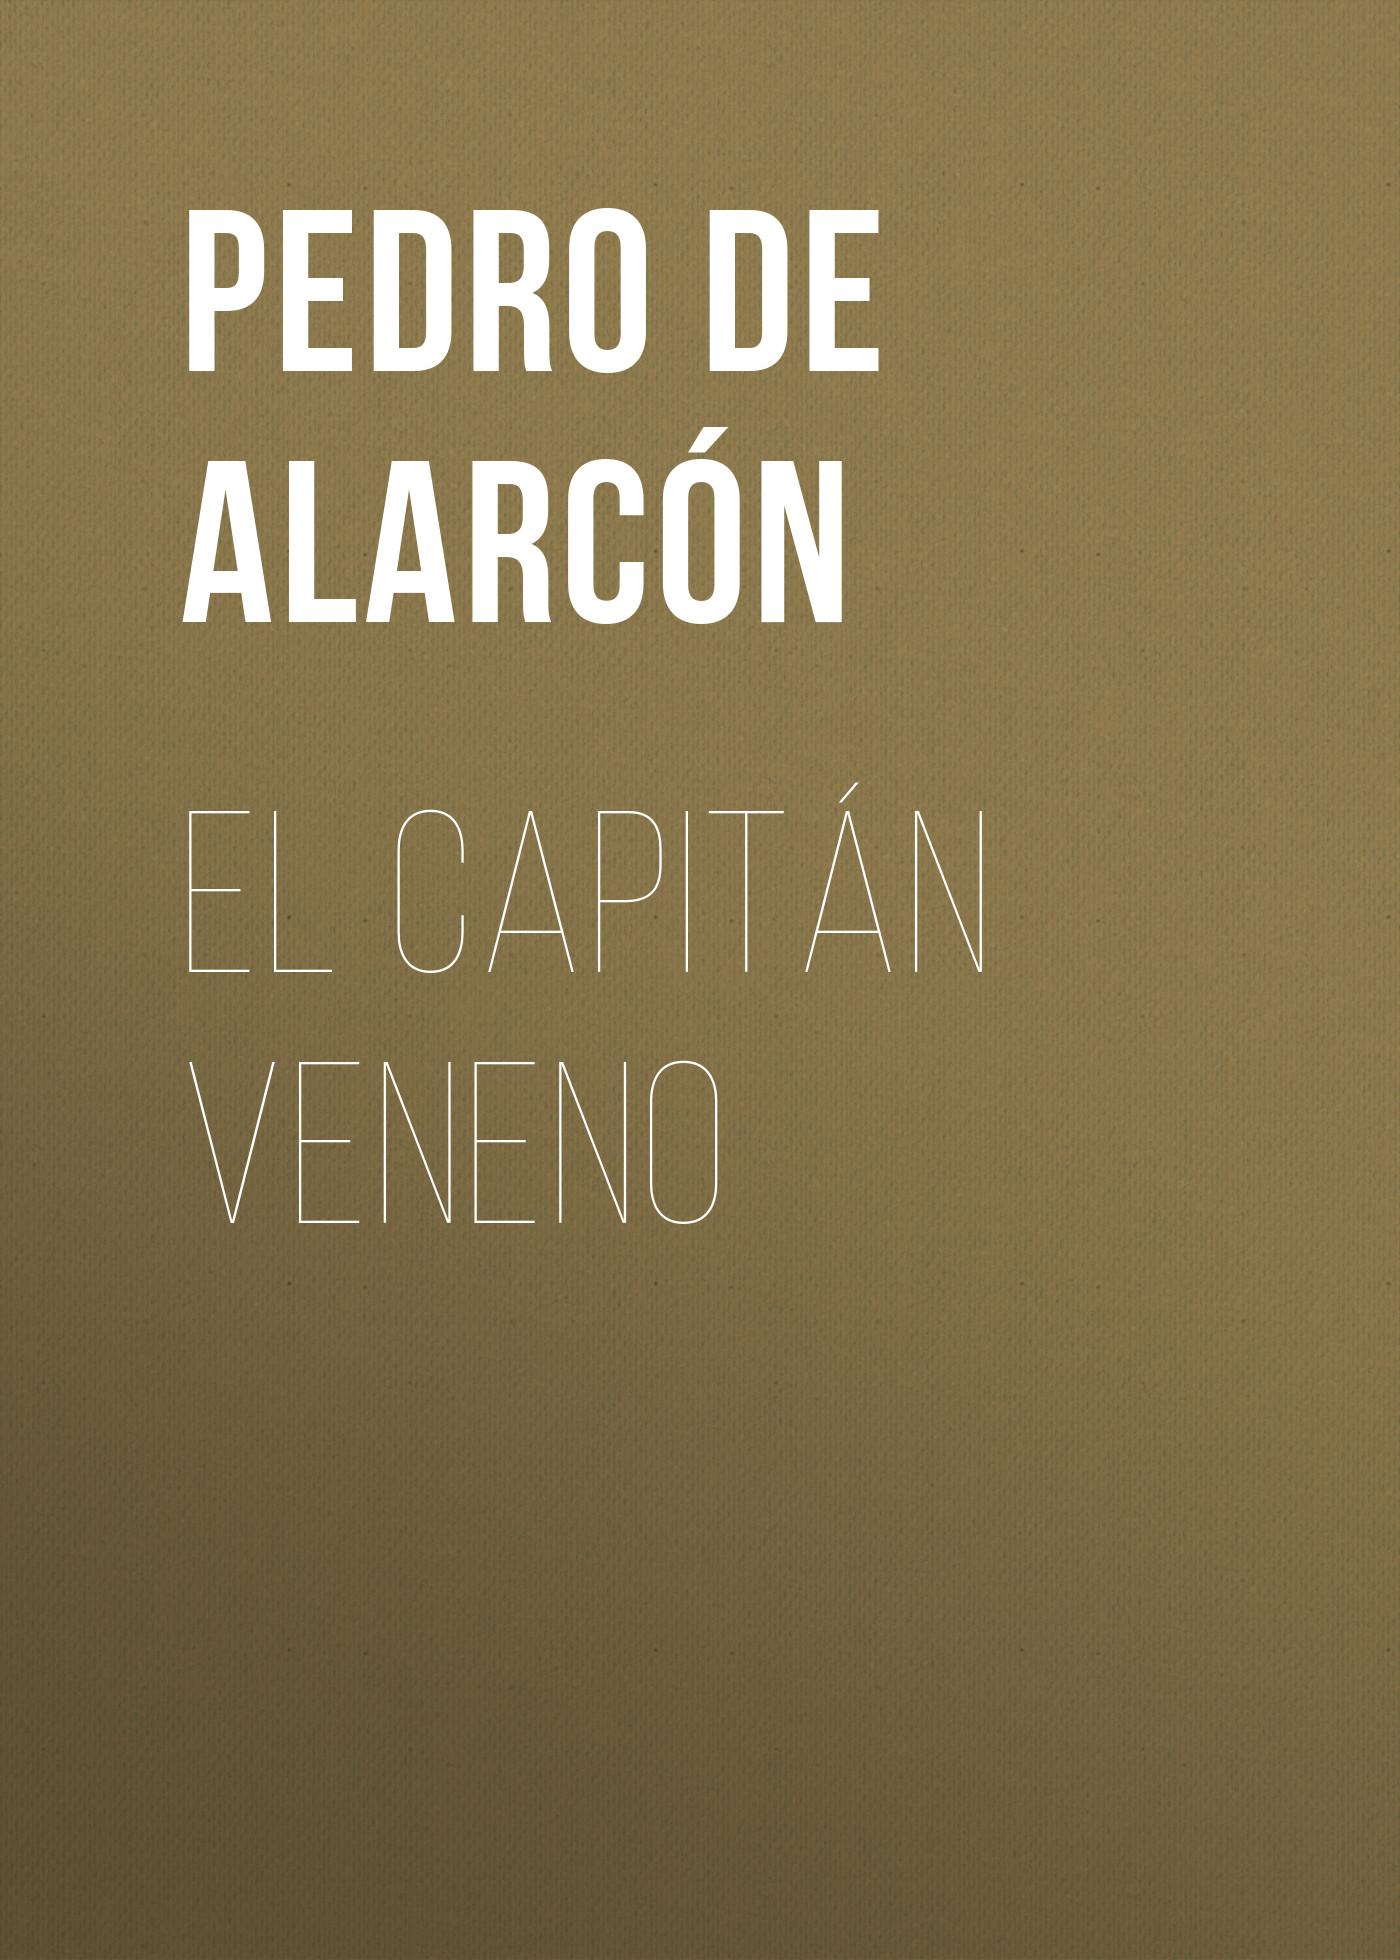 Pedro Antonio de Alarcón El Capitán Veneno fernão lopes chronica de el rei d pedro i portuguese edition